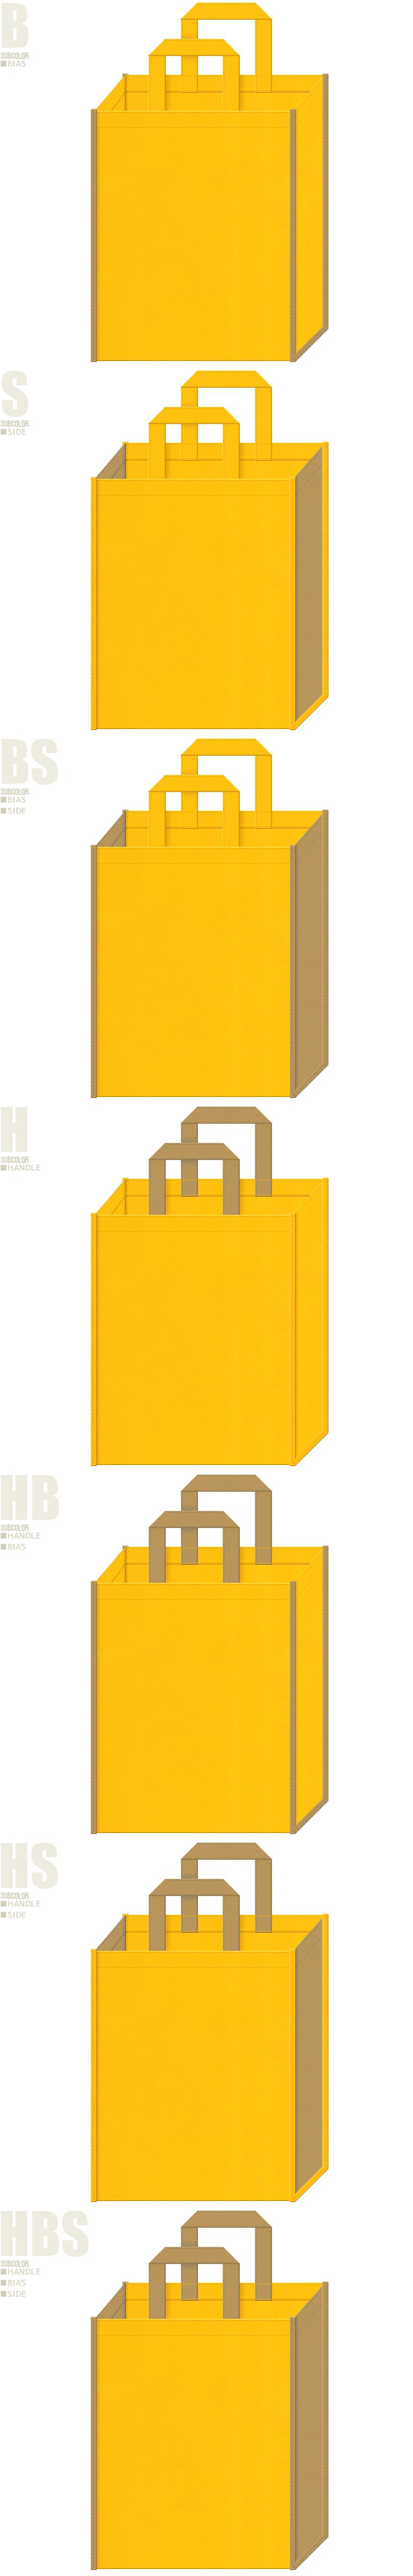 ピラミッド・黄金のイメージにお奨めの不織布バッグデザイン:黄色と金黄土色の不織布バッグ配色7パターン。